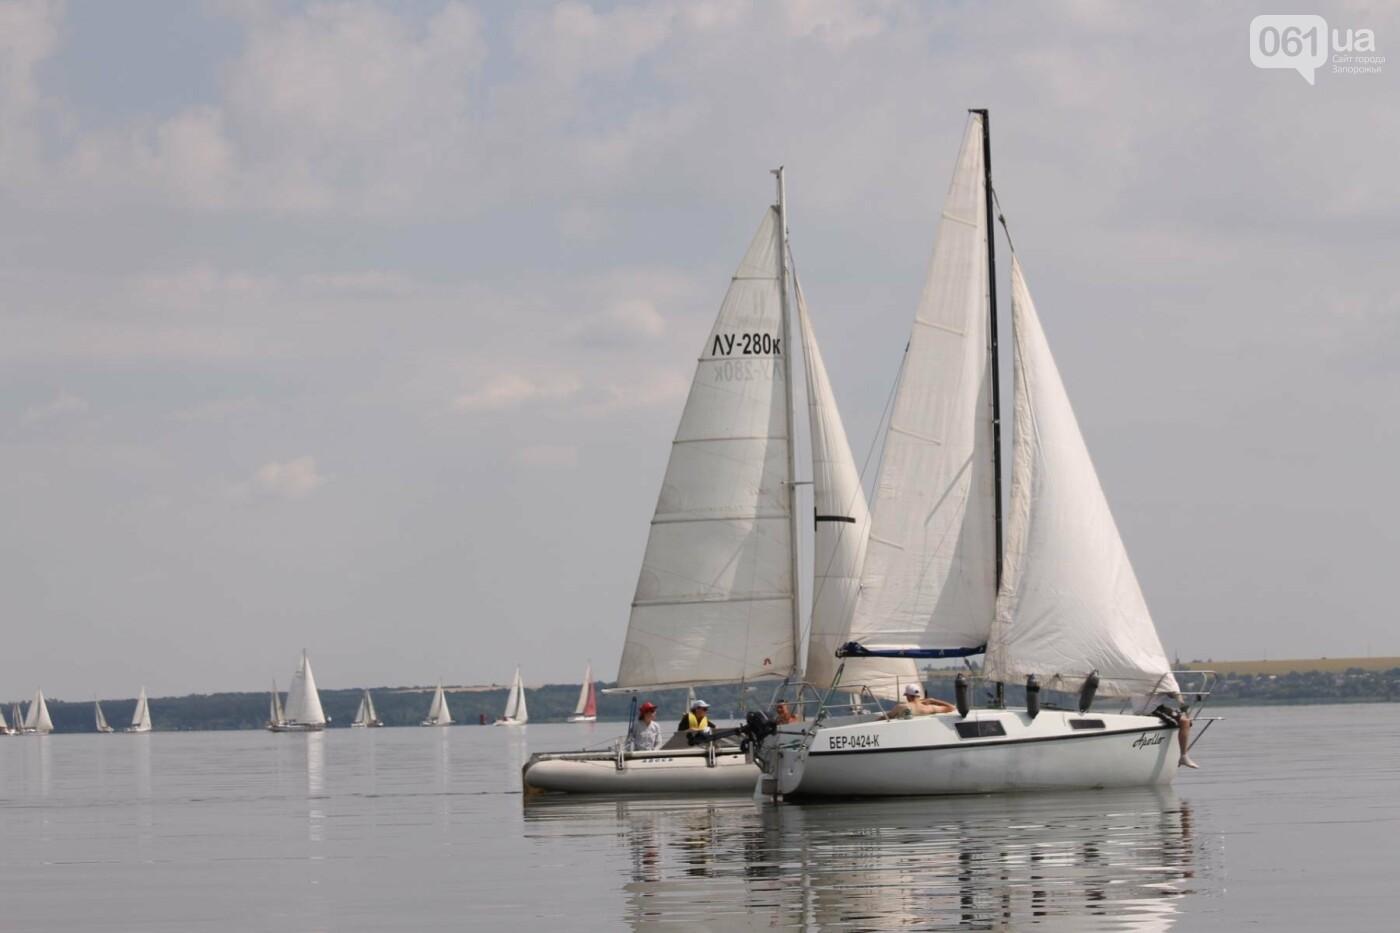 Сотни спортсменов и десятки яхт: как в Запорожье проходит парусная регата, – ФОТОРЕПОРТАЖ, фото-33